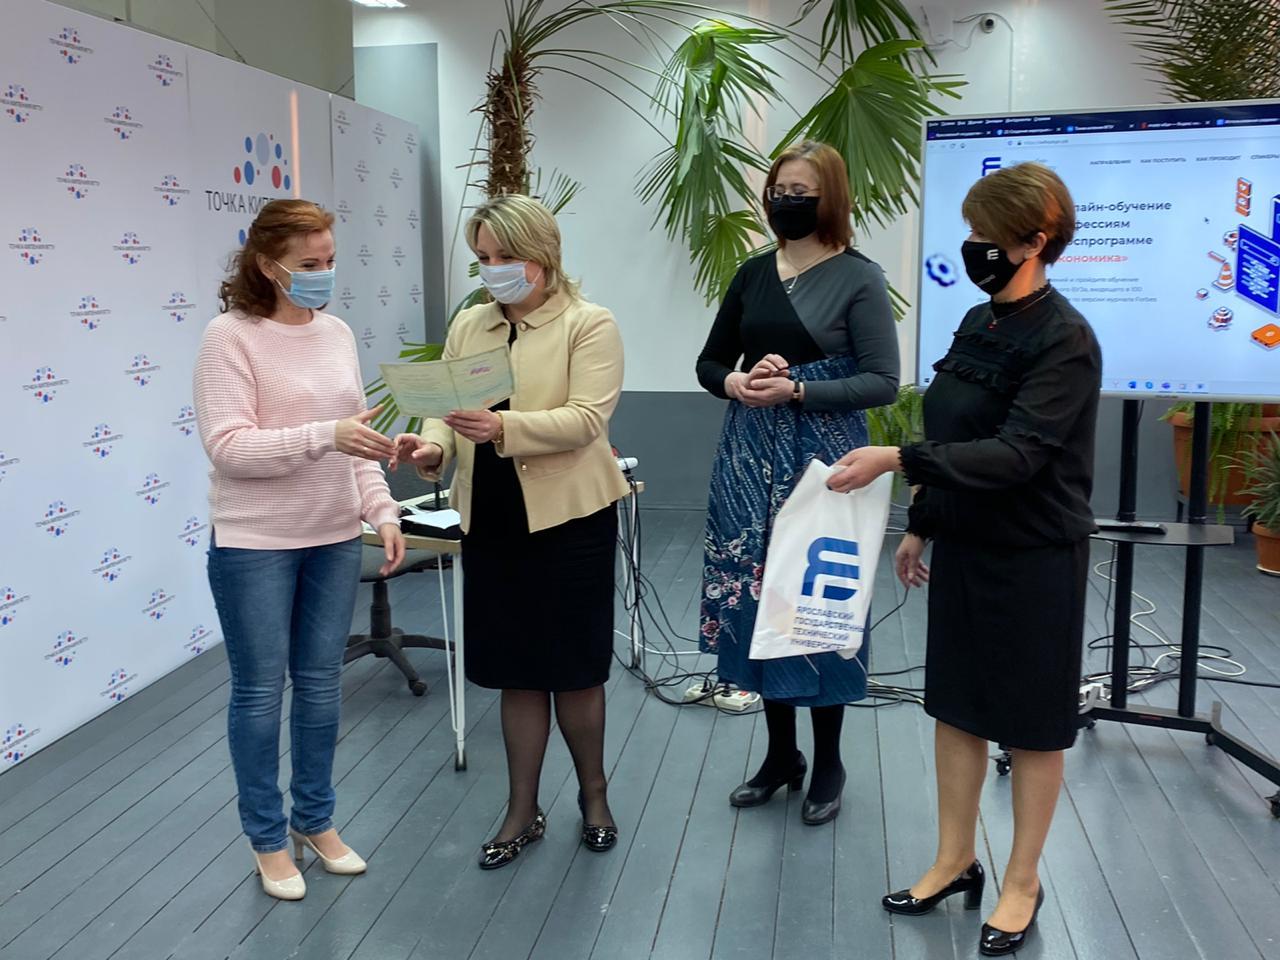 Новые компетенции в сфере цифровой экономики получили свыше четырех тысяч жителей Ярославской области